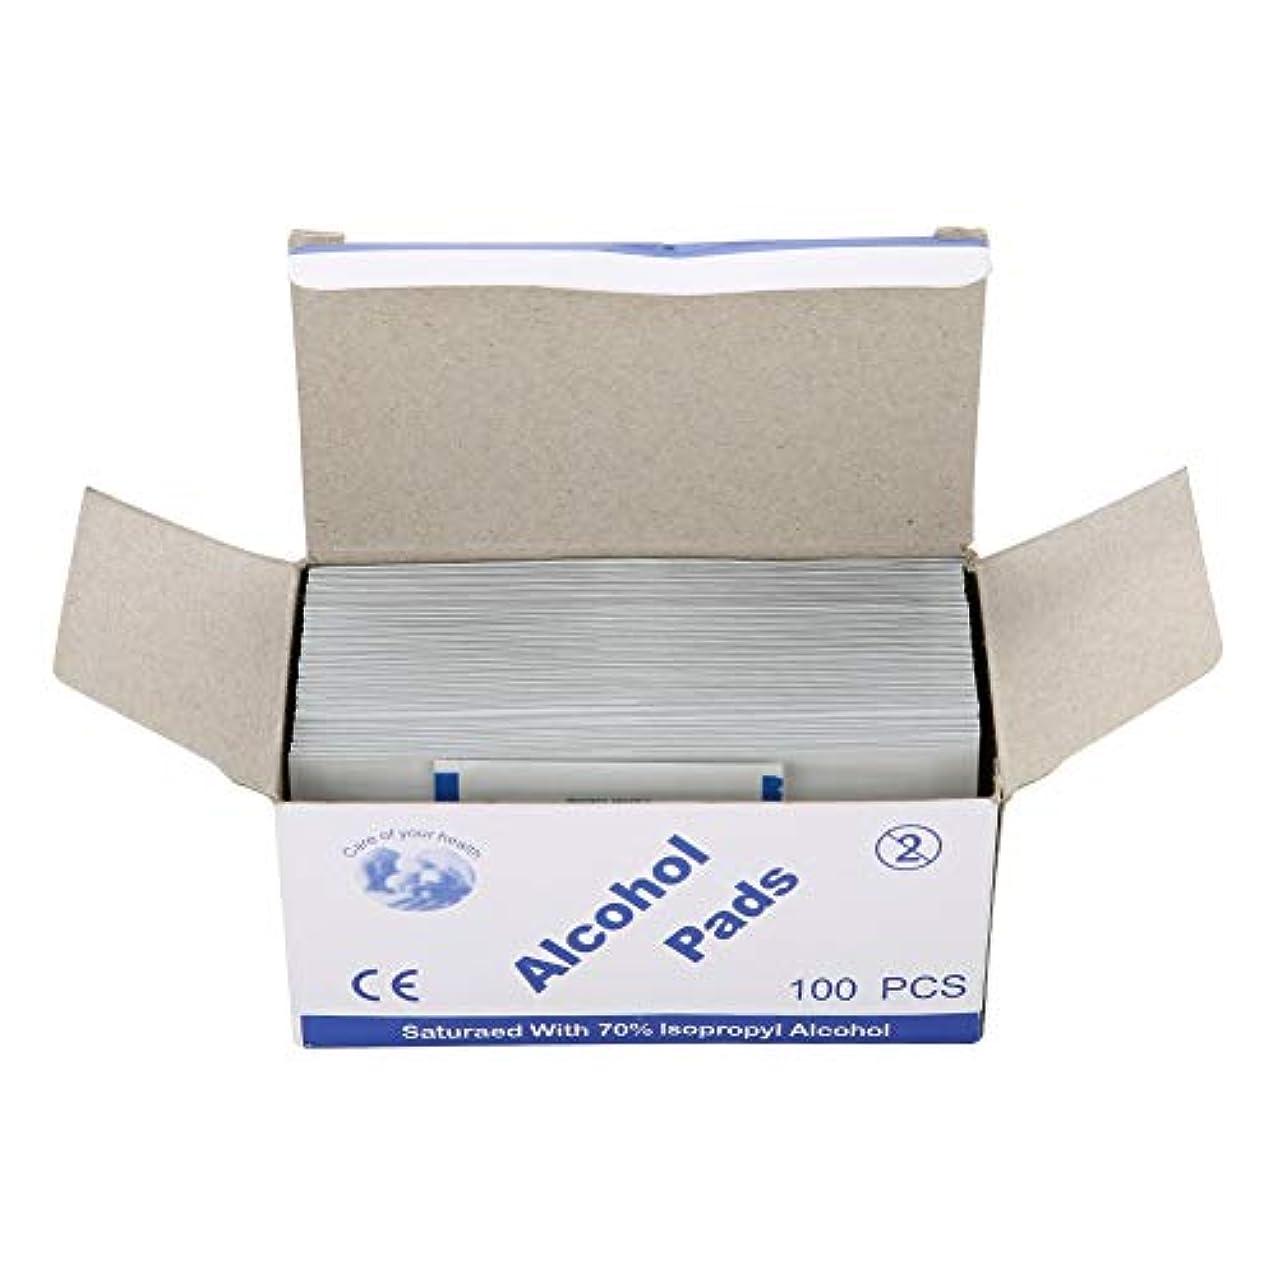 王室スパイラル期待する100個/箱使い捨てアルコール綿パッド (UnitCount : 2 box)